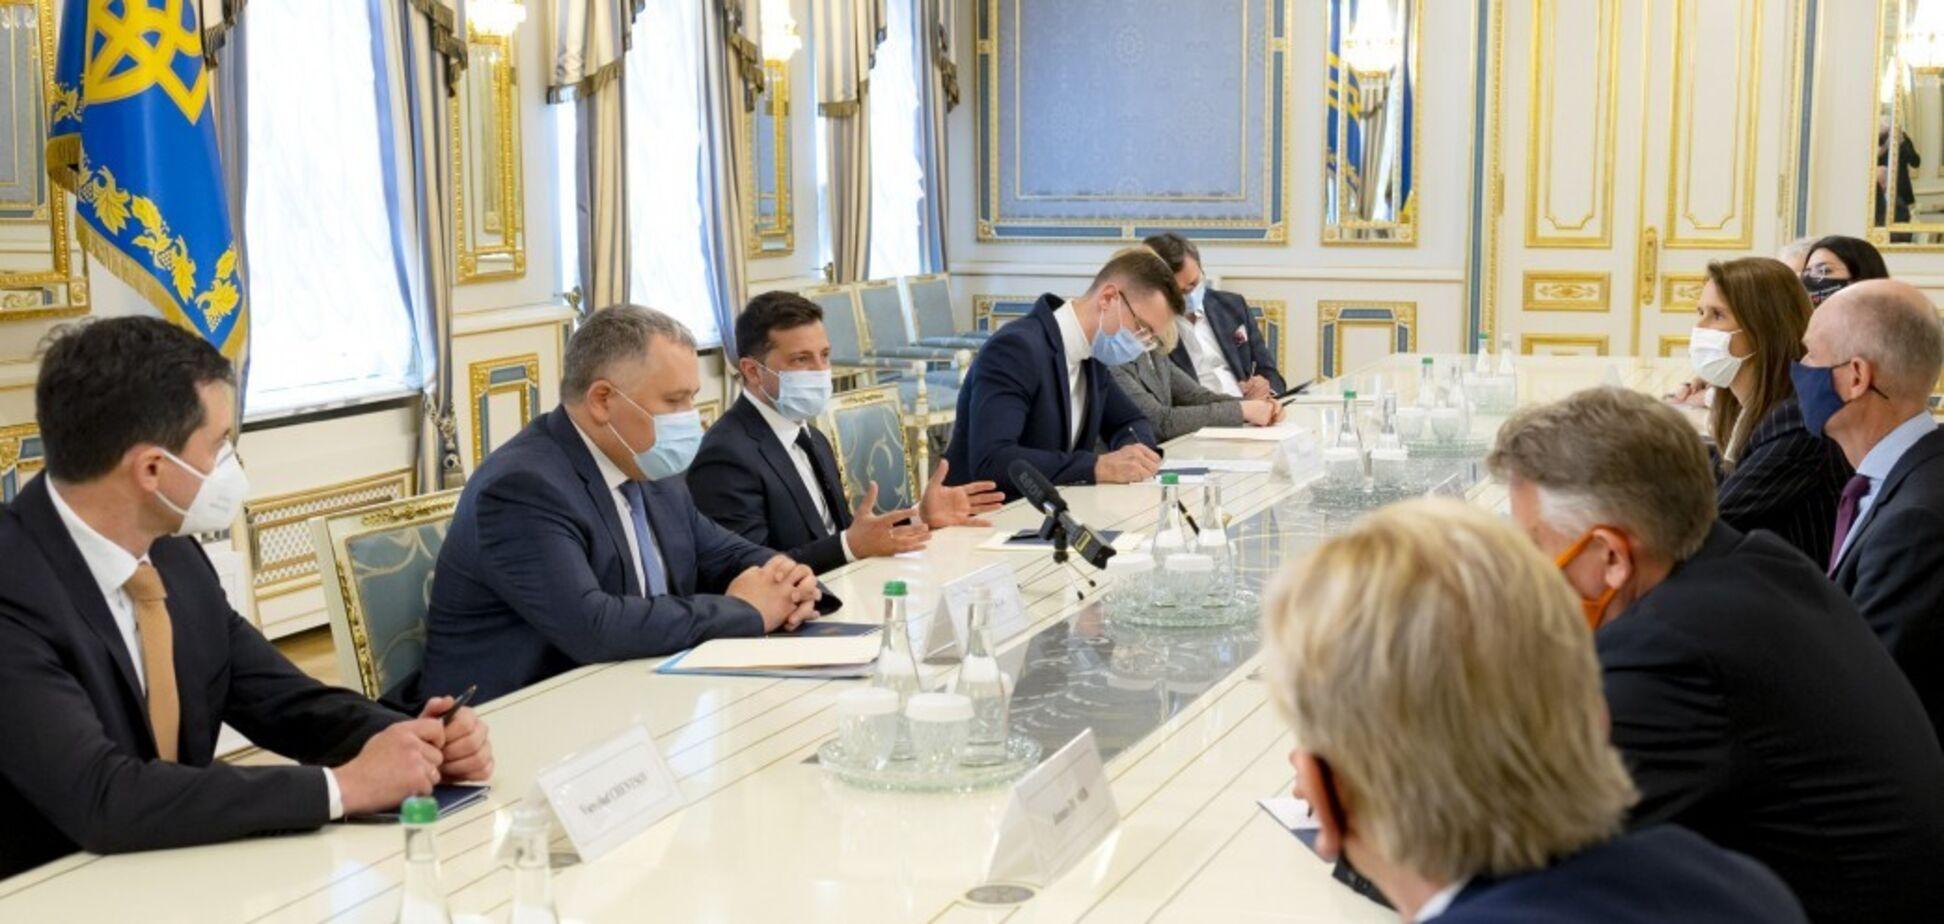 Зеленский встретился с главами МИД стран ЕС: что обсудили